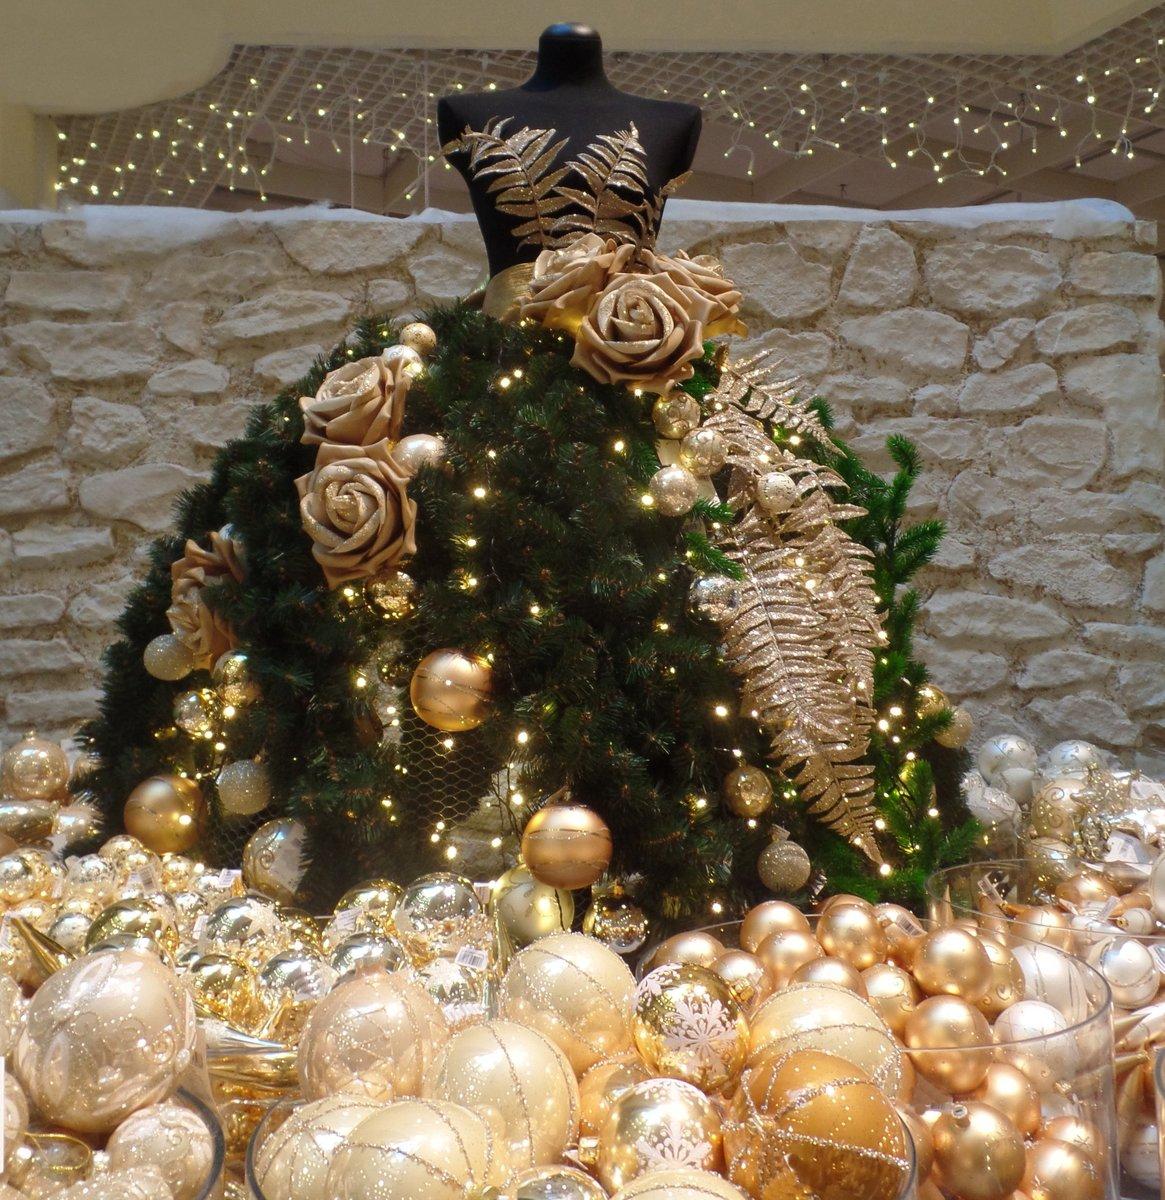 Frohe Weihnachten Und Alles Gute Im Neuen Jahr.Frohe Weihnachten Und Prosit 2019